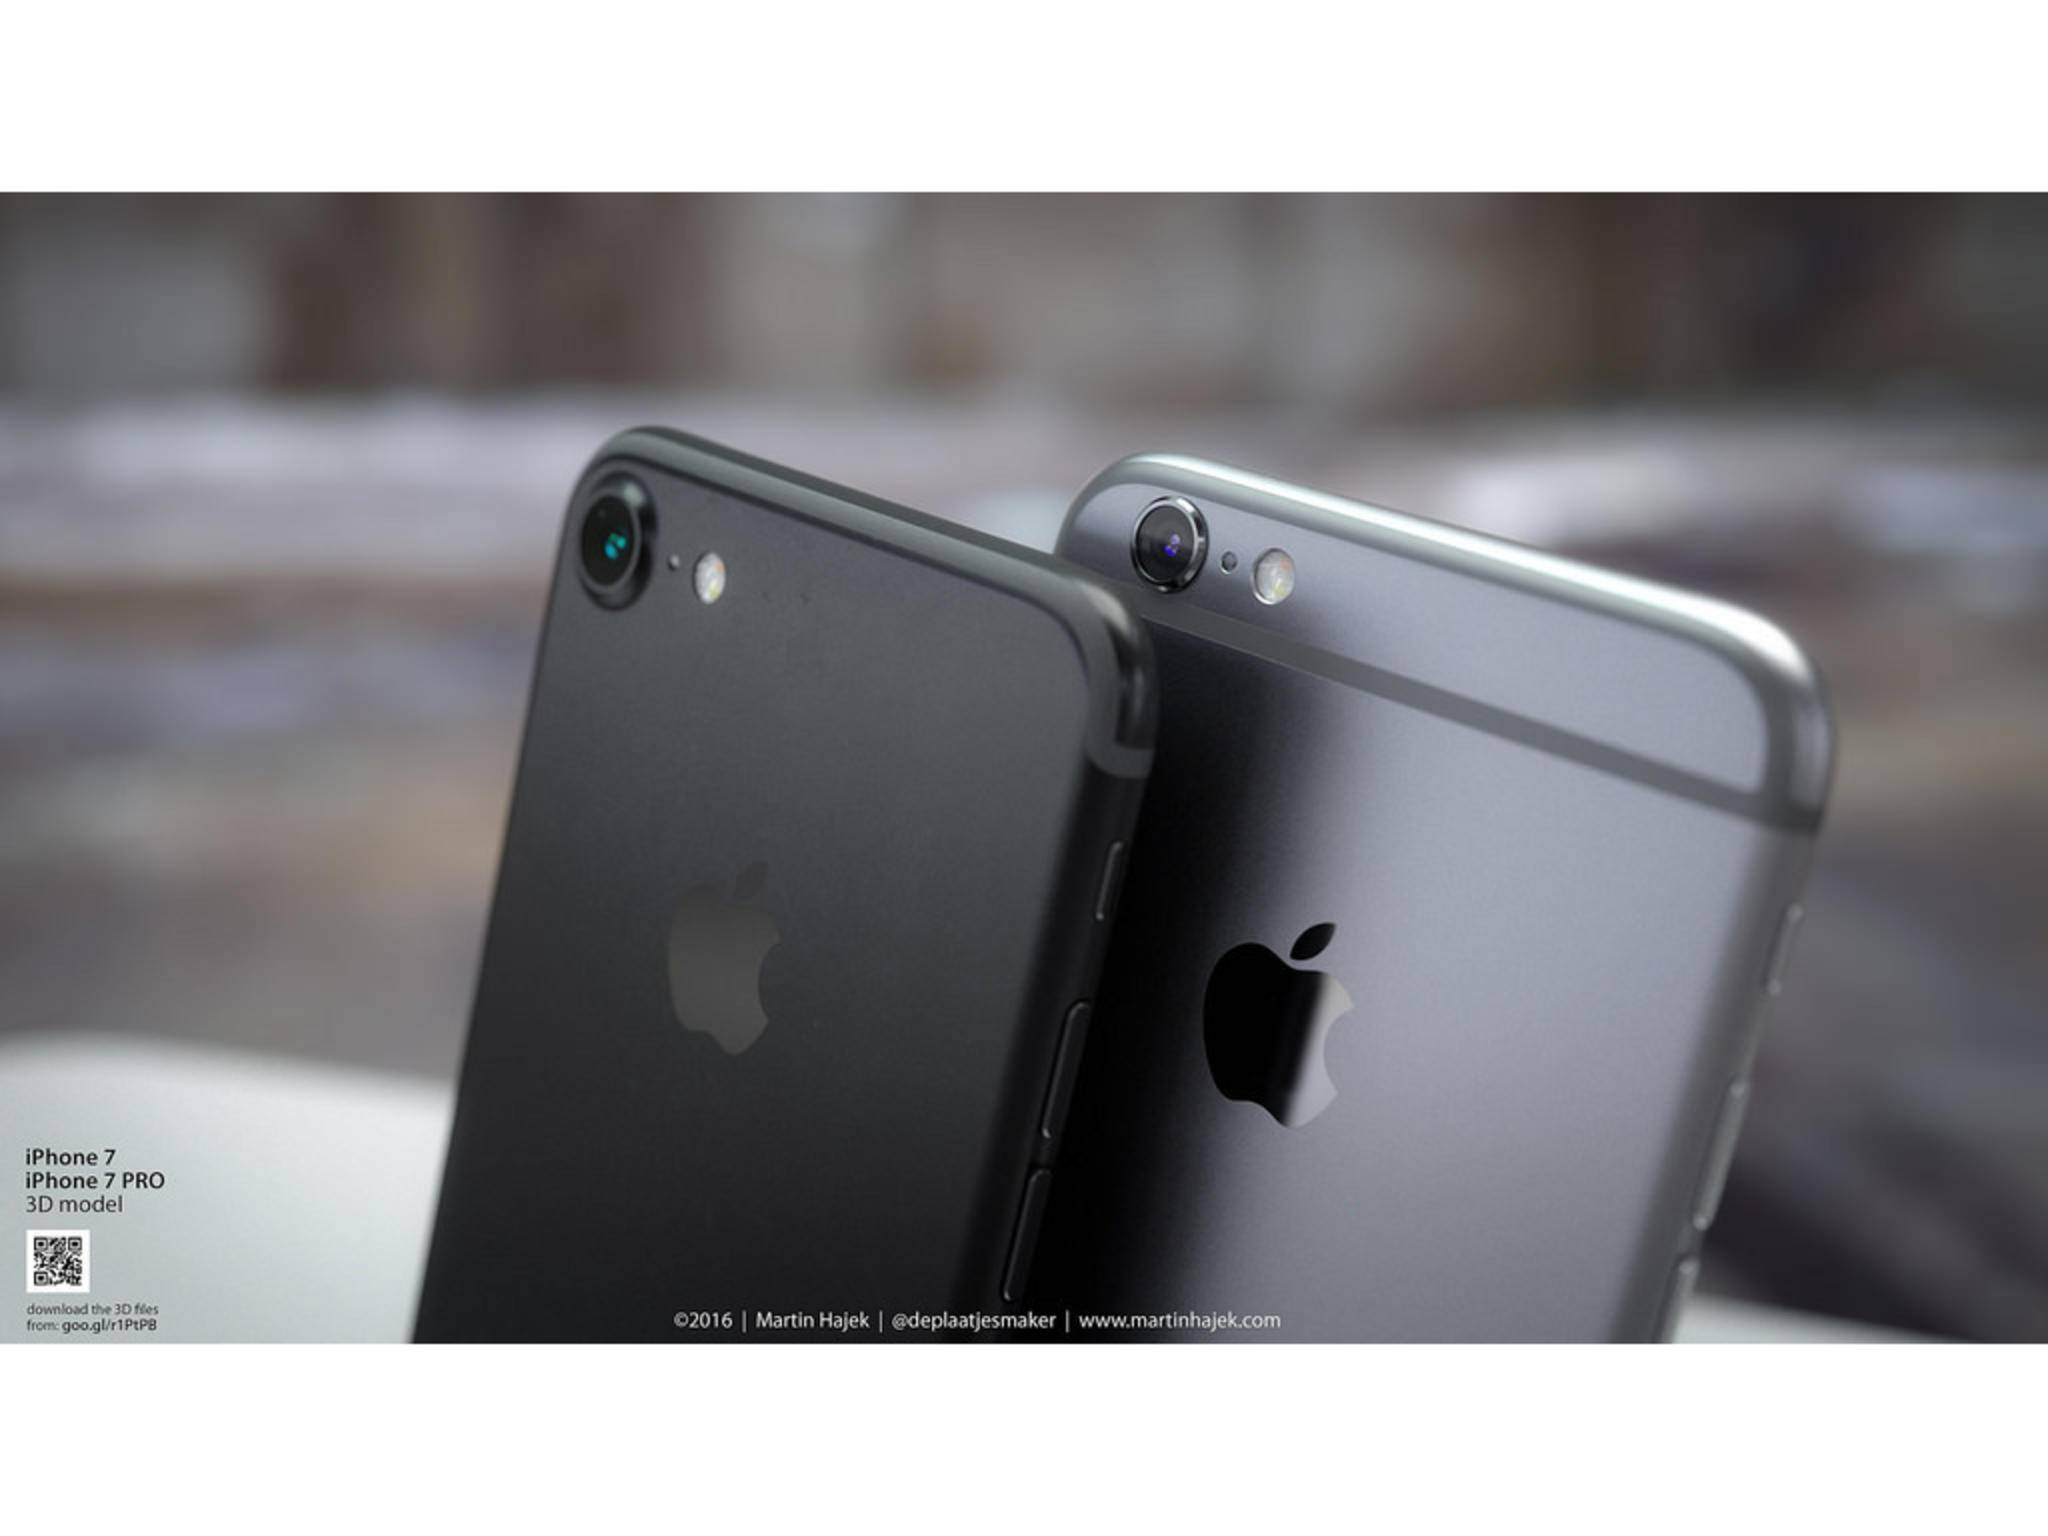 Das iPhone 7 wird angeblich in fünf verschiedenen Farben erhältlich sein.